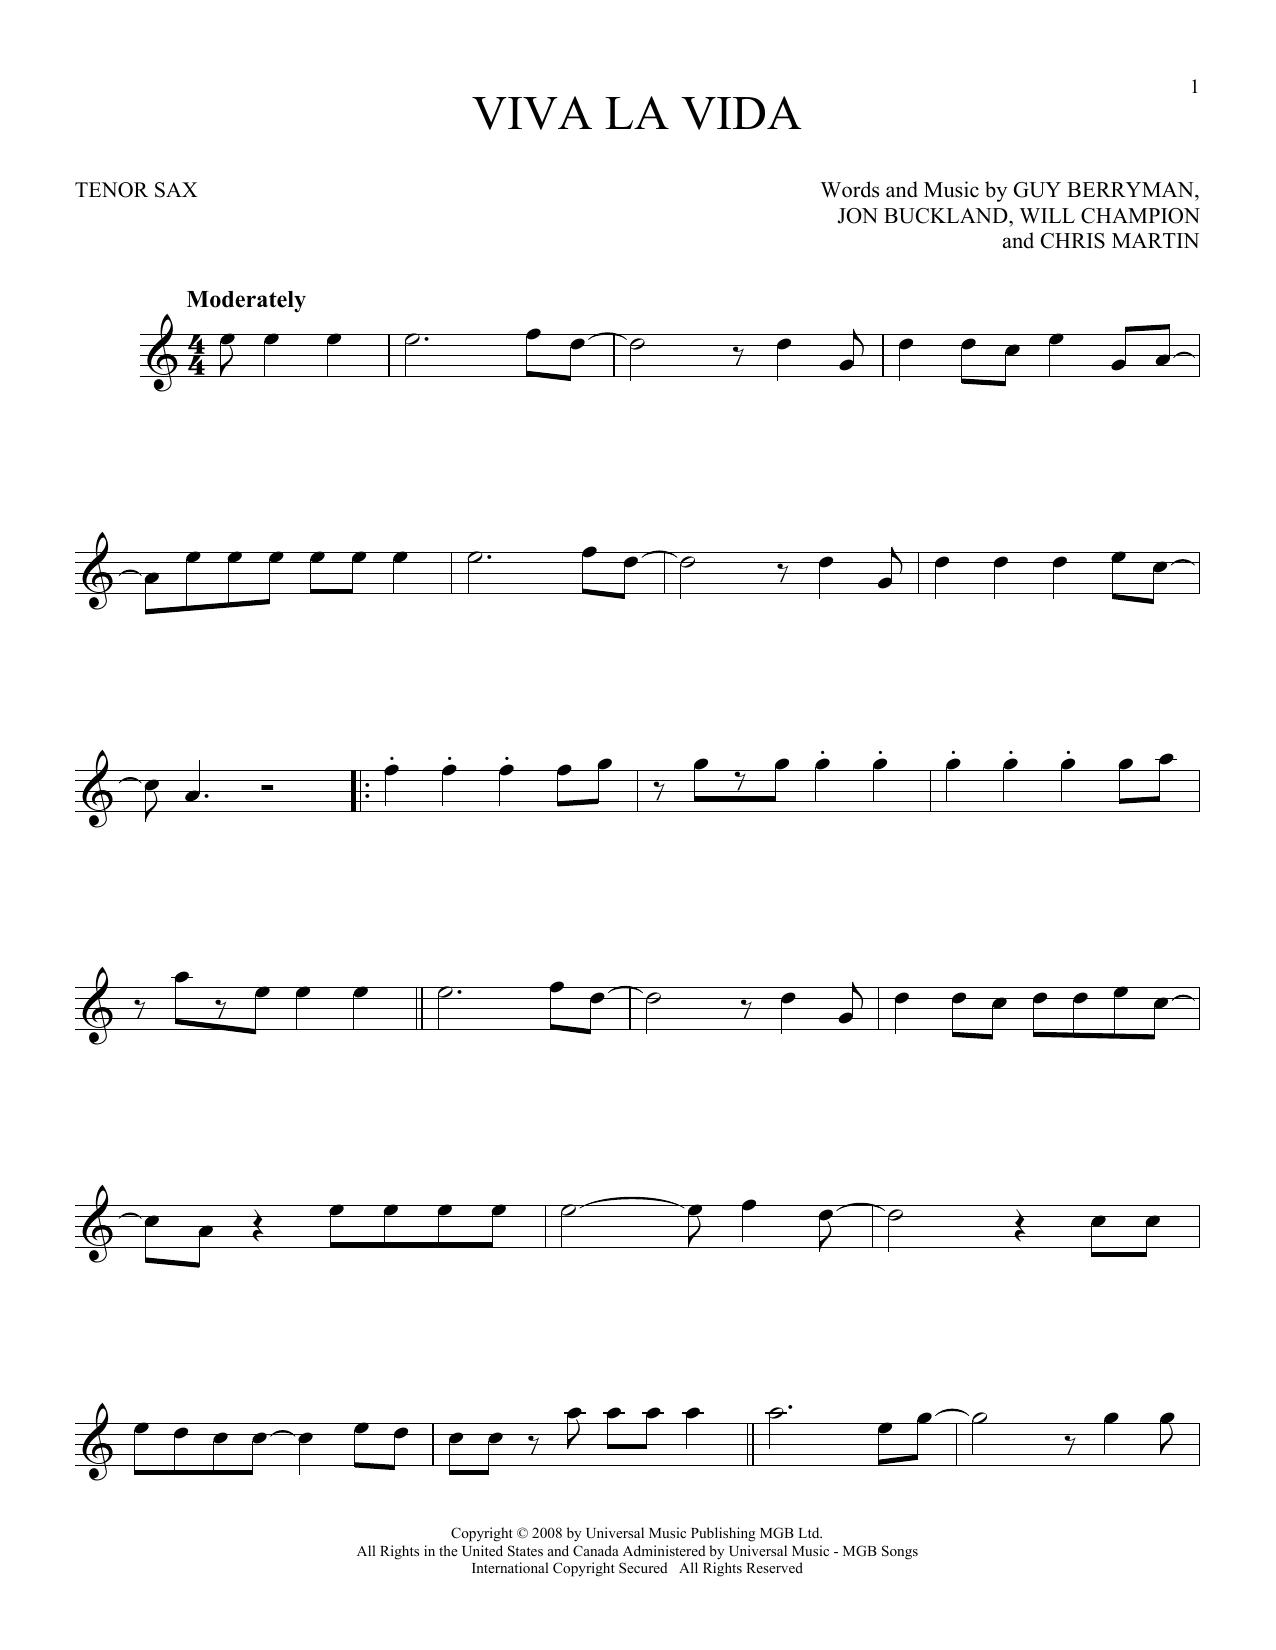 Viva La Vida (Tenor Sax Solo)